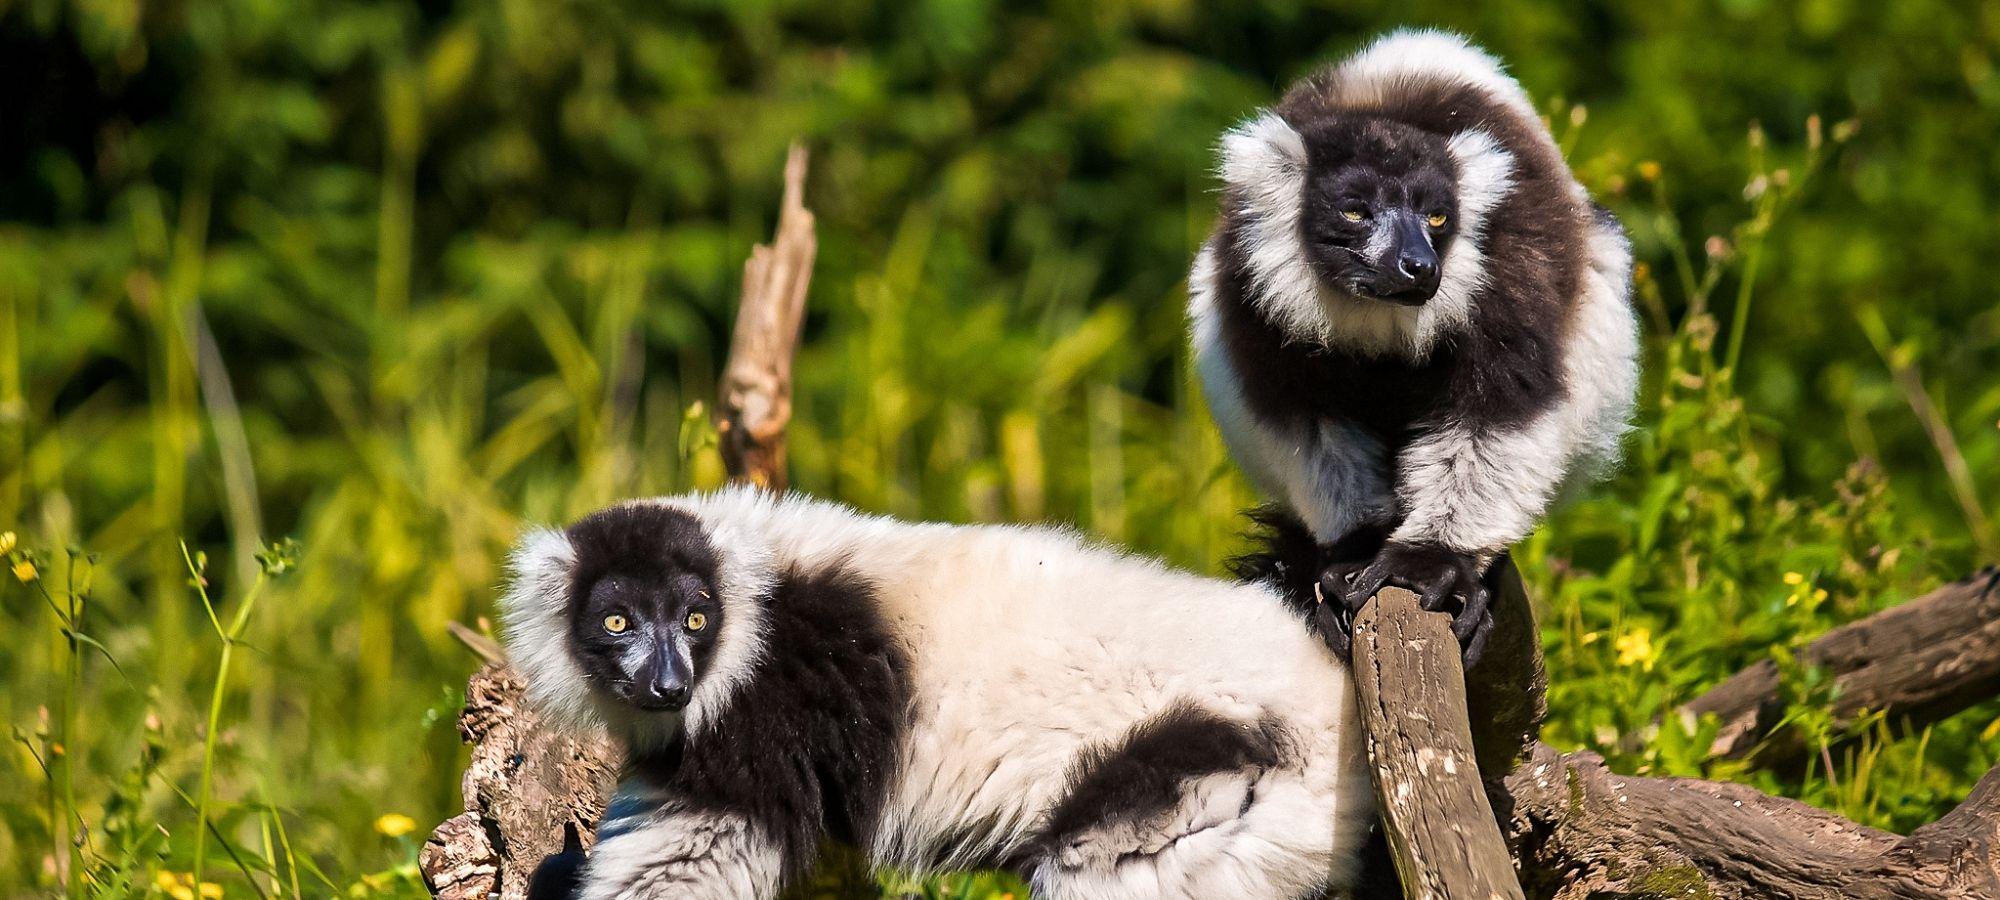 Two Black-and-white ruffed lemur, Pakawi Park, Belgium